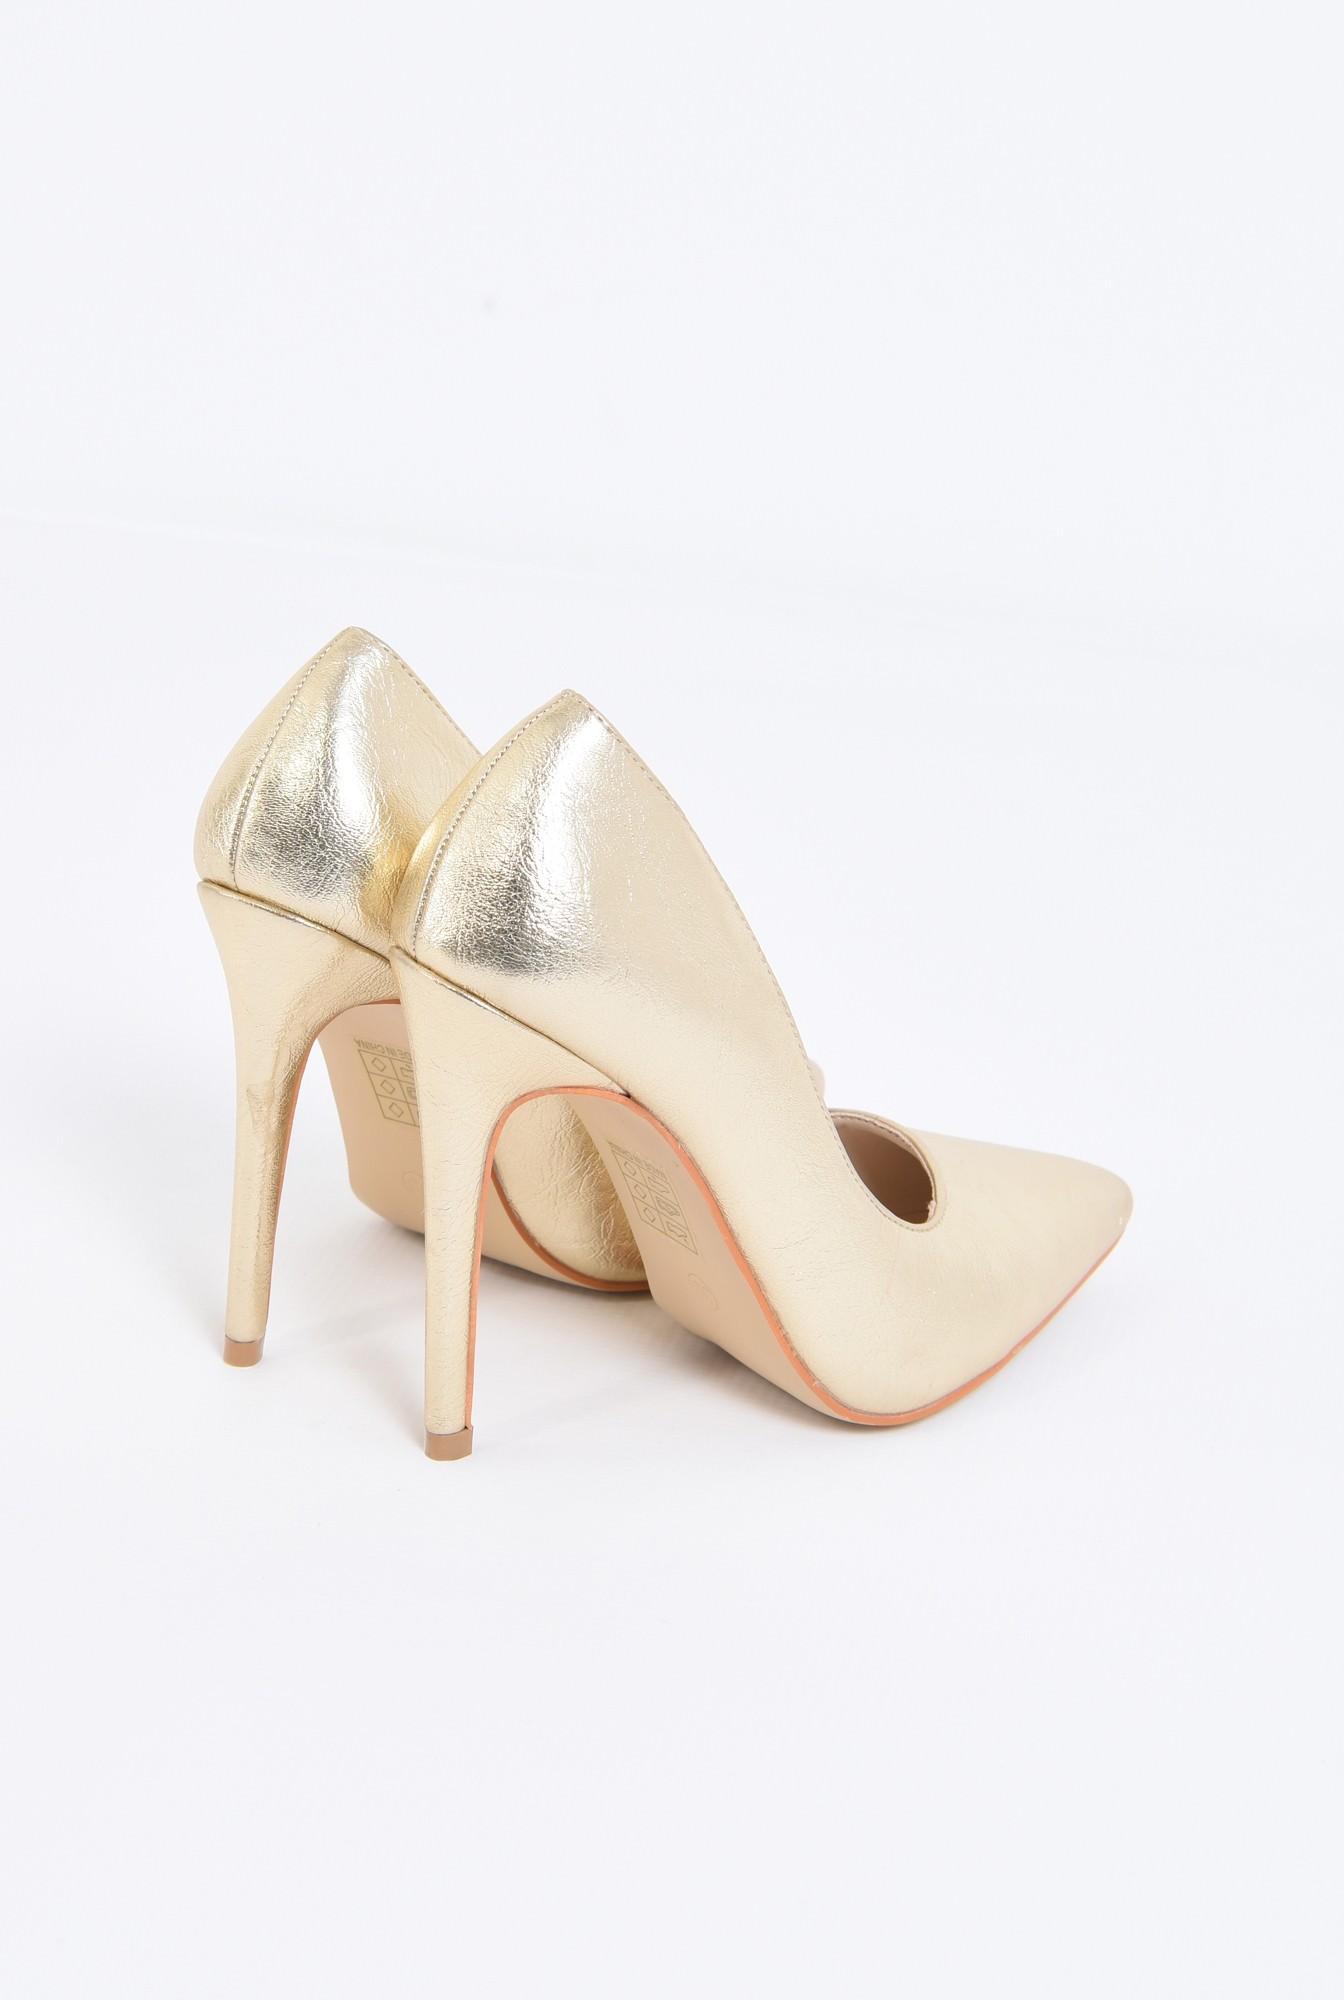 2 - pantofi eleganti, aurii, toc inalt